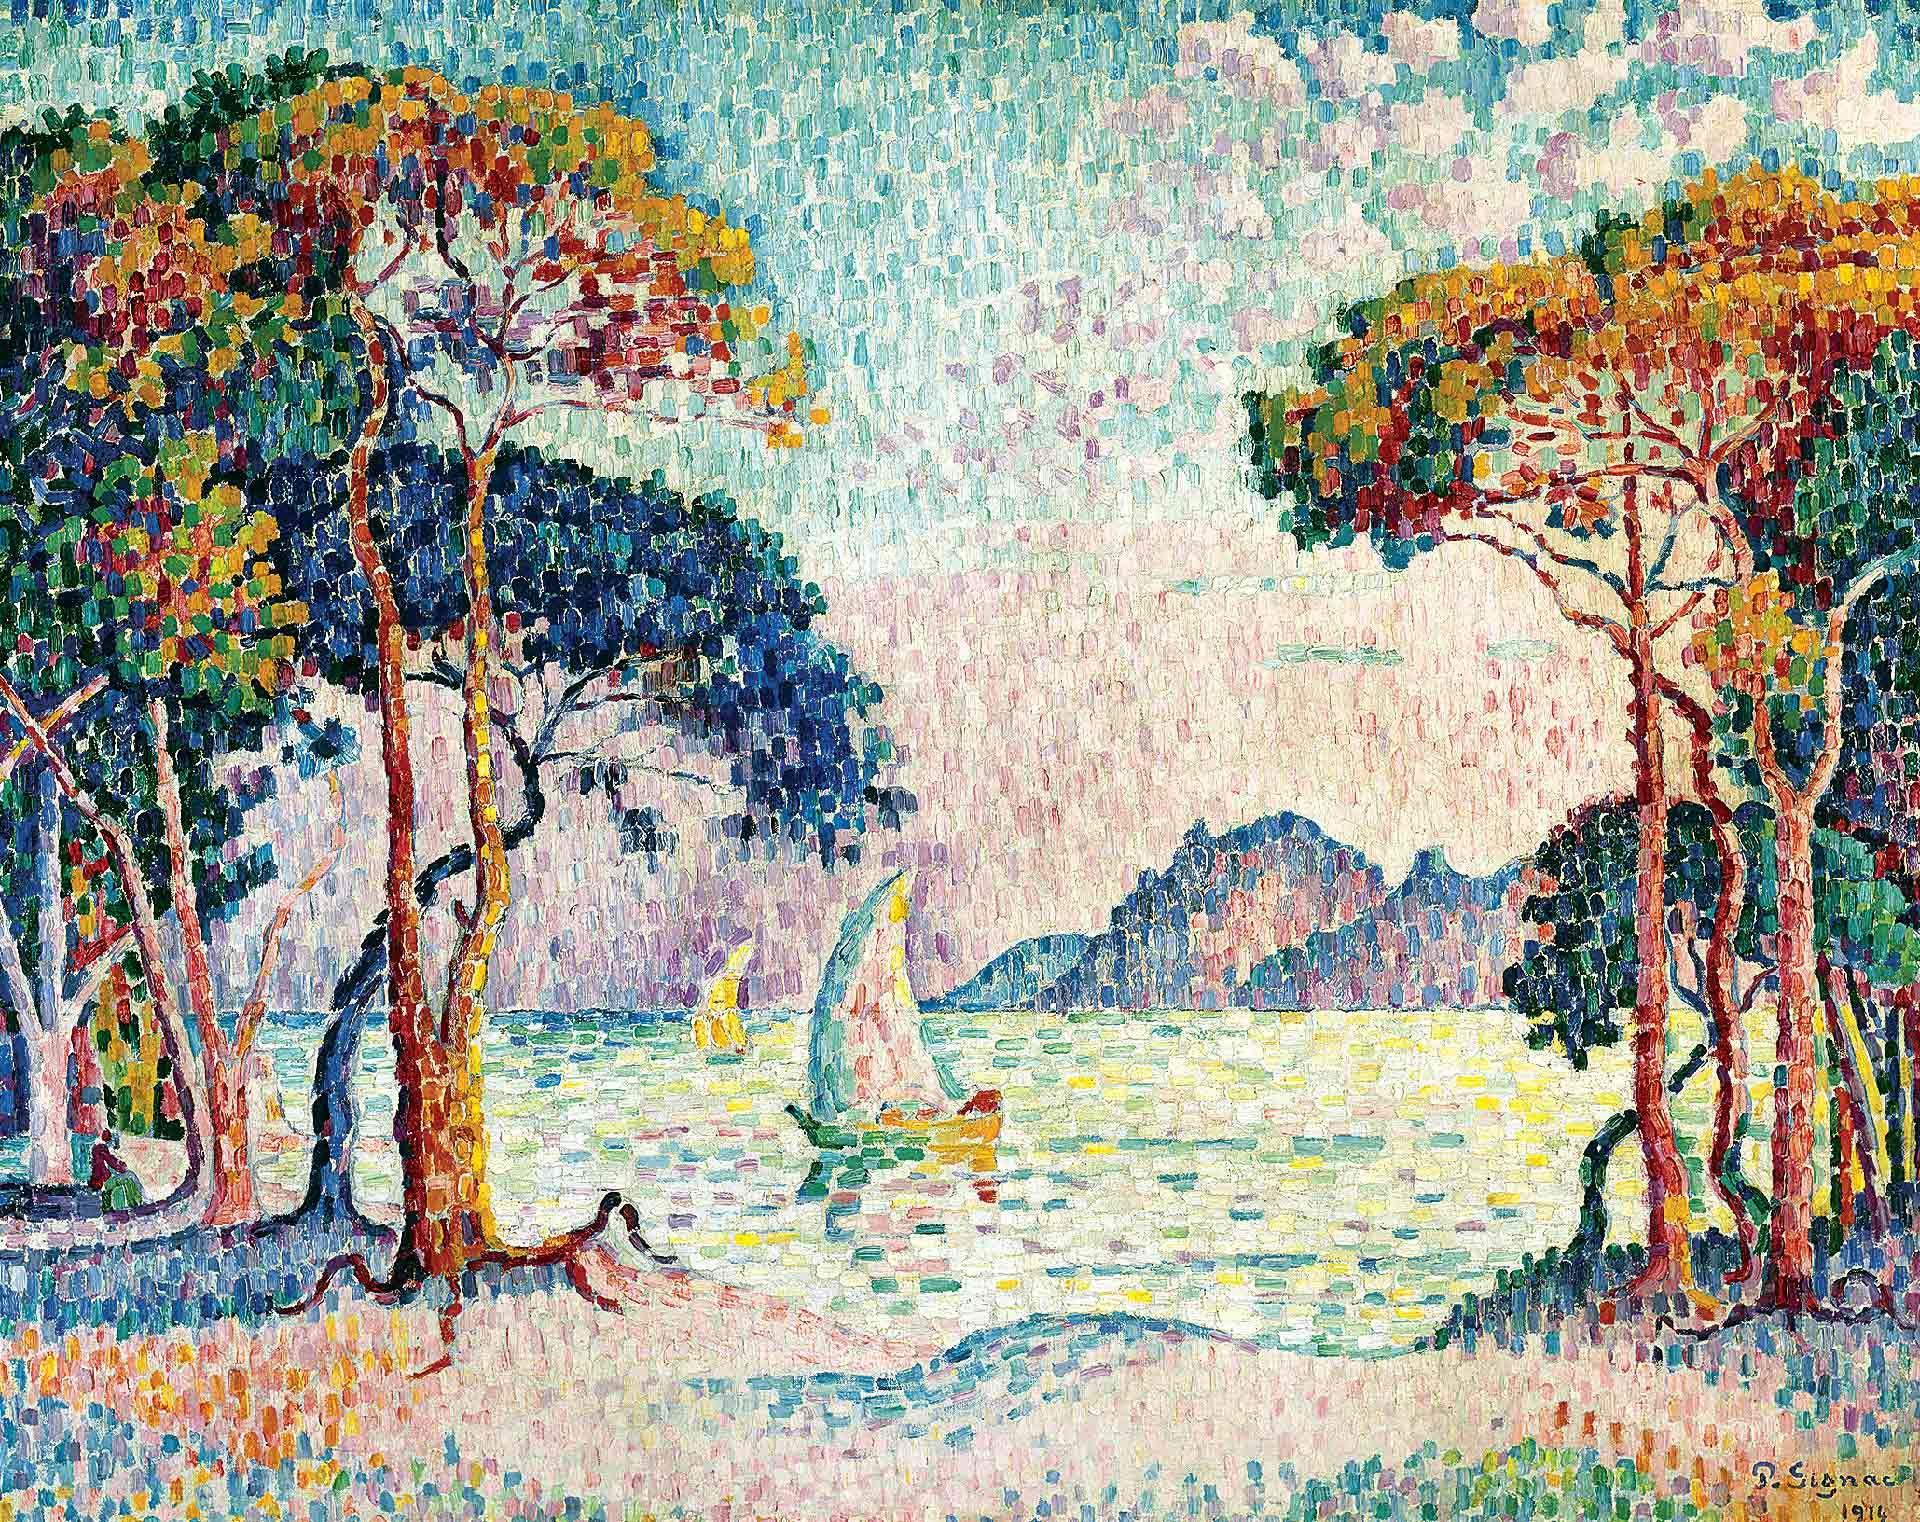 Paul Signac (1863-1935), Saint-Tropez. Fontaine des Lices, 1895. Collection particulière